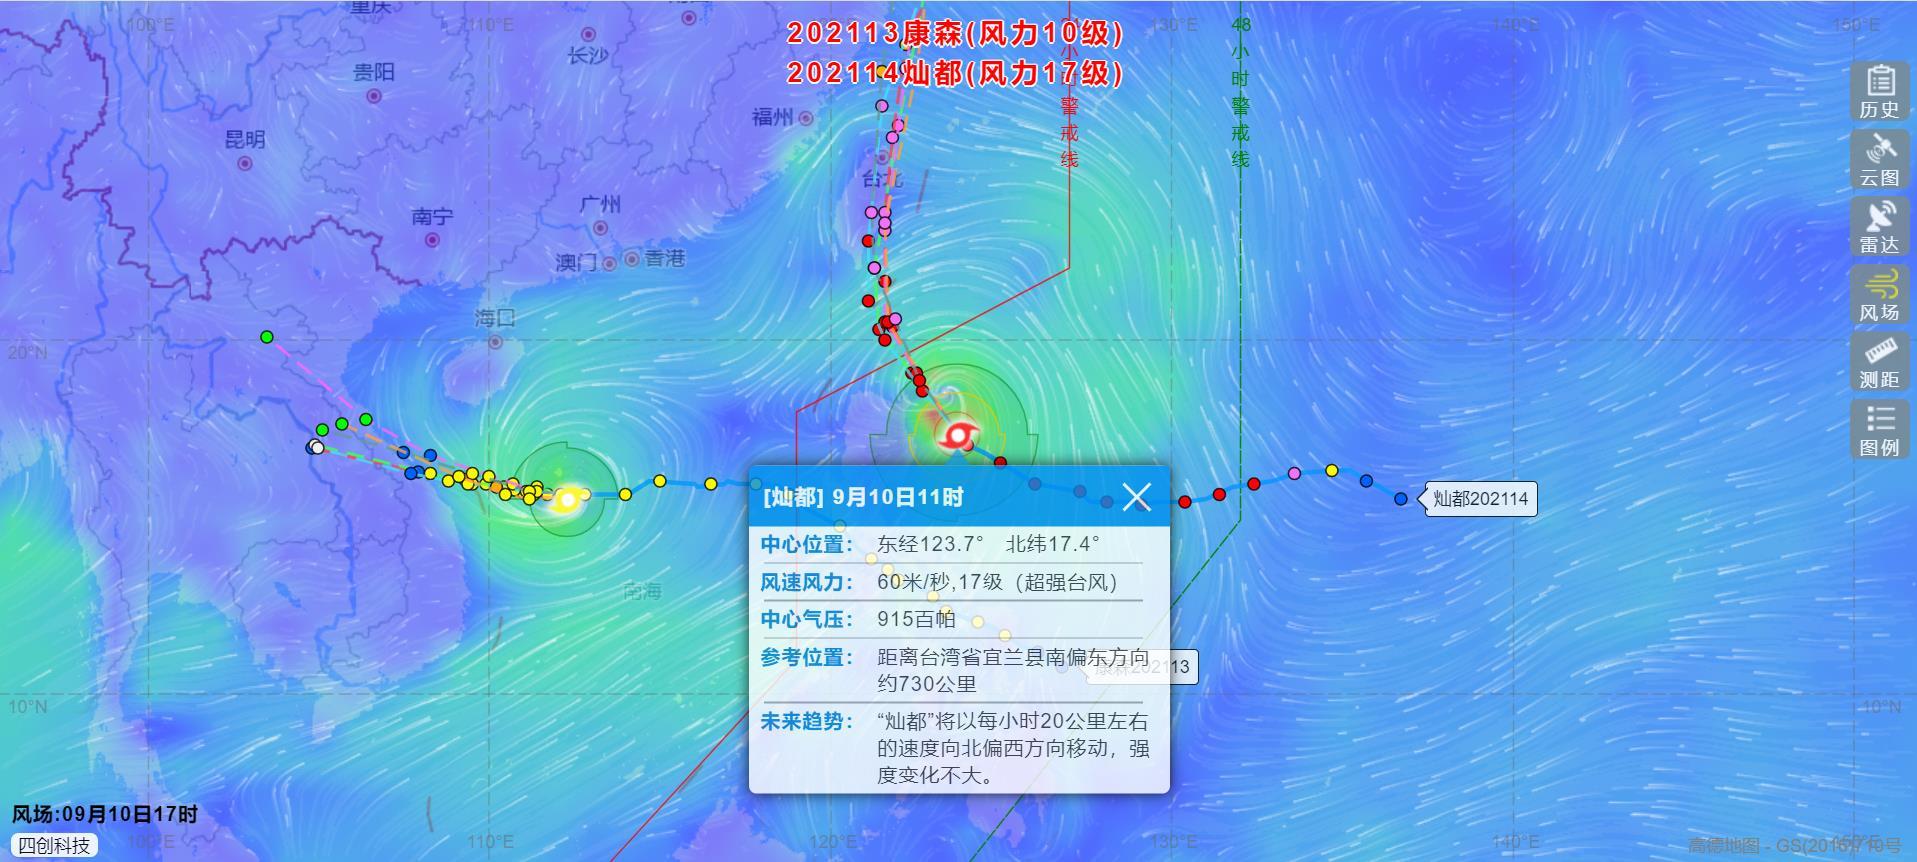 灿都疯了?24小时直达超强台风!拉尼娜来势汹汹,今冬恐更可怕